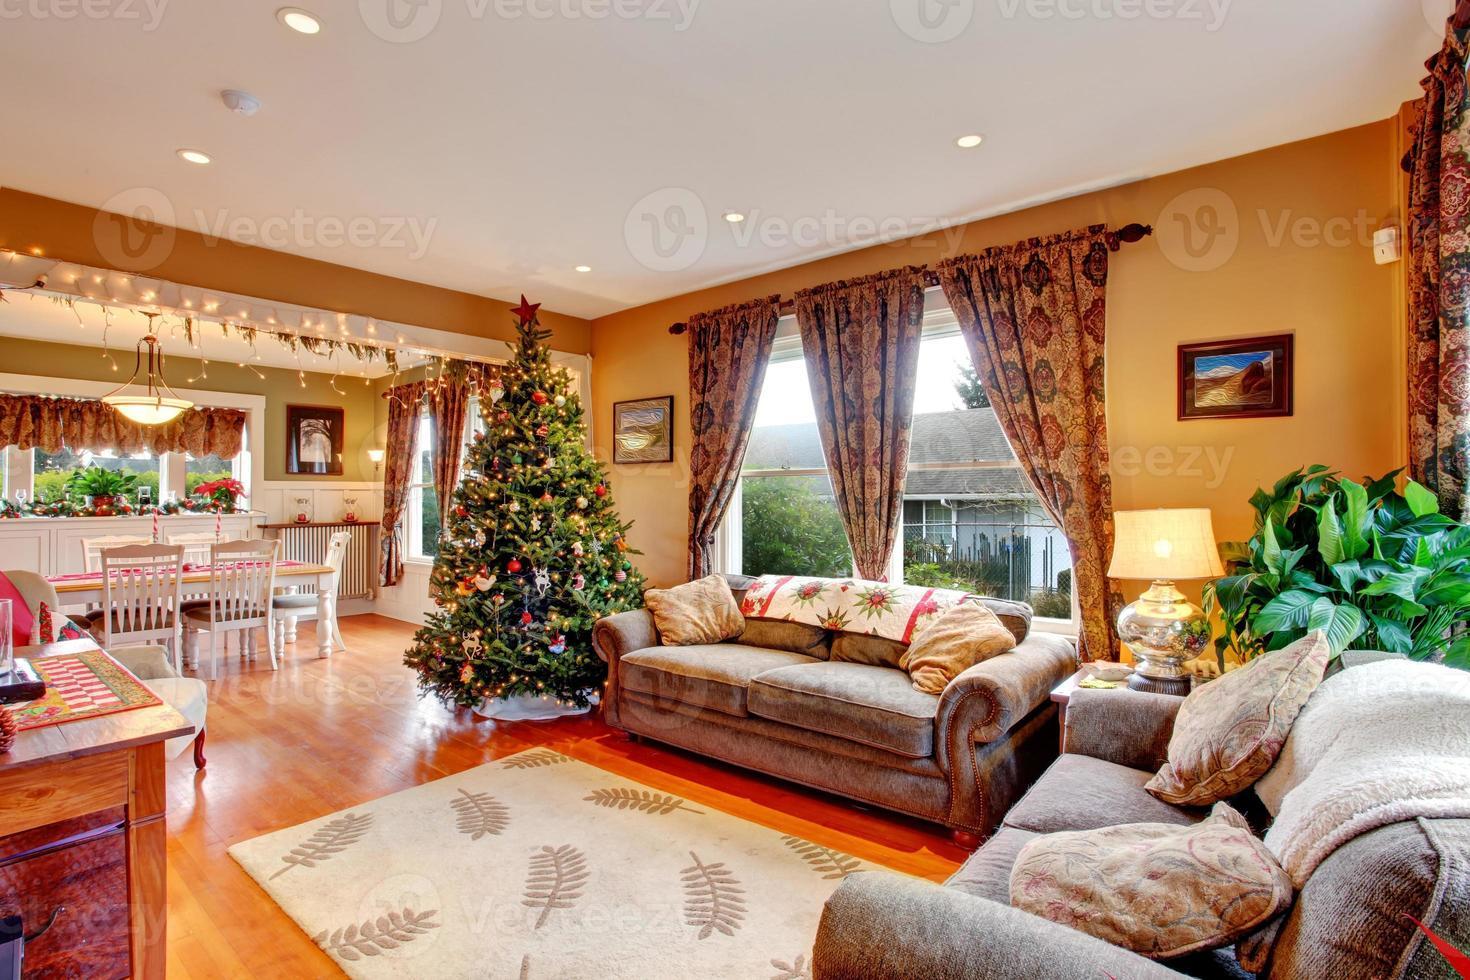 Wohnzimmer am Heiligabend foto